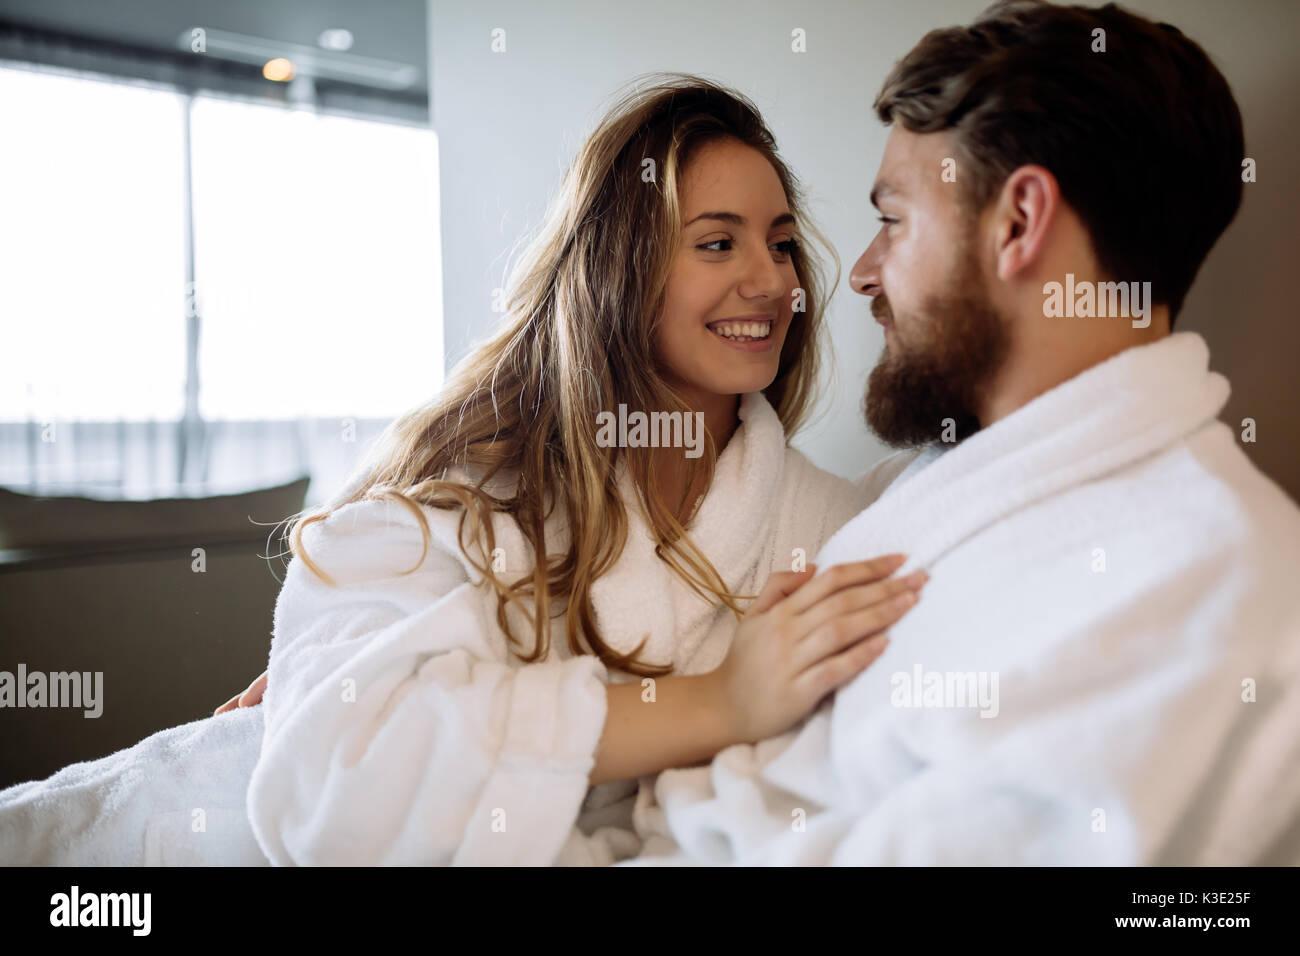 Romantic Couple Enjoying Honeymoon